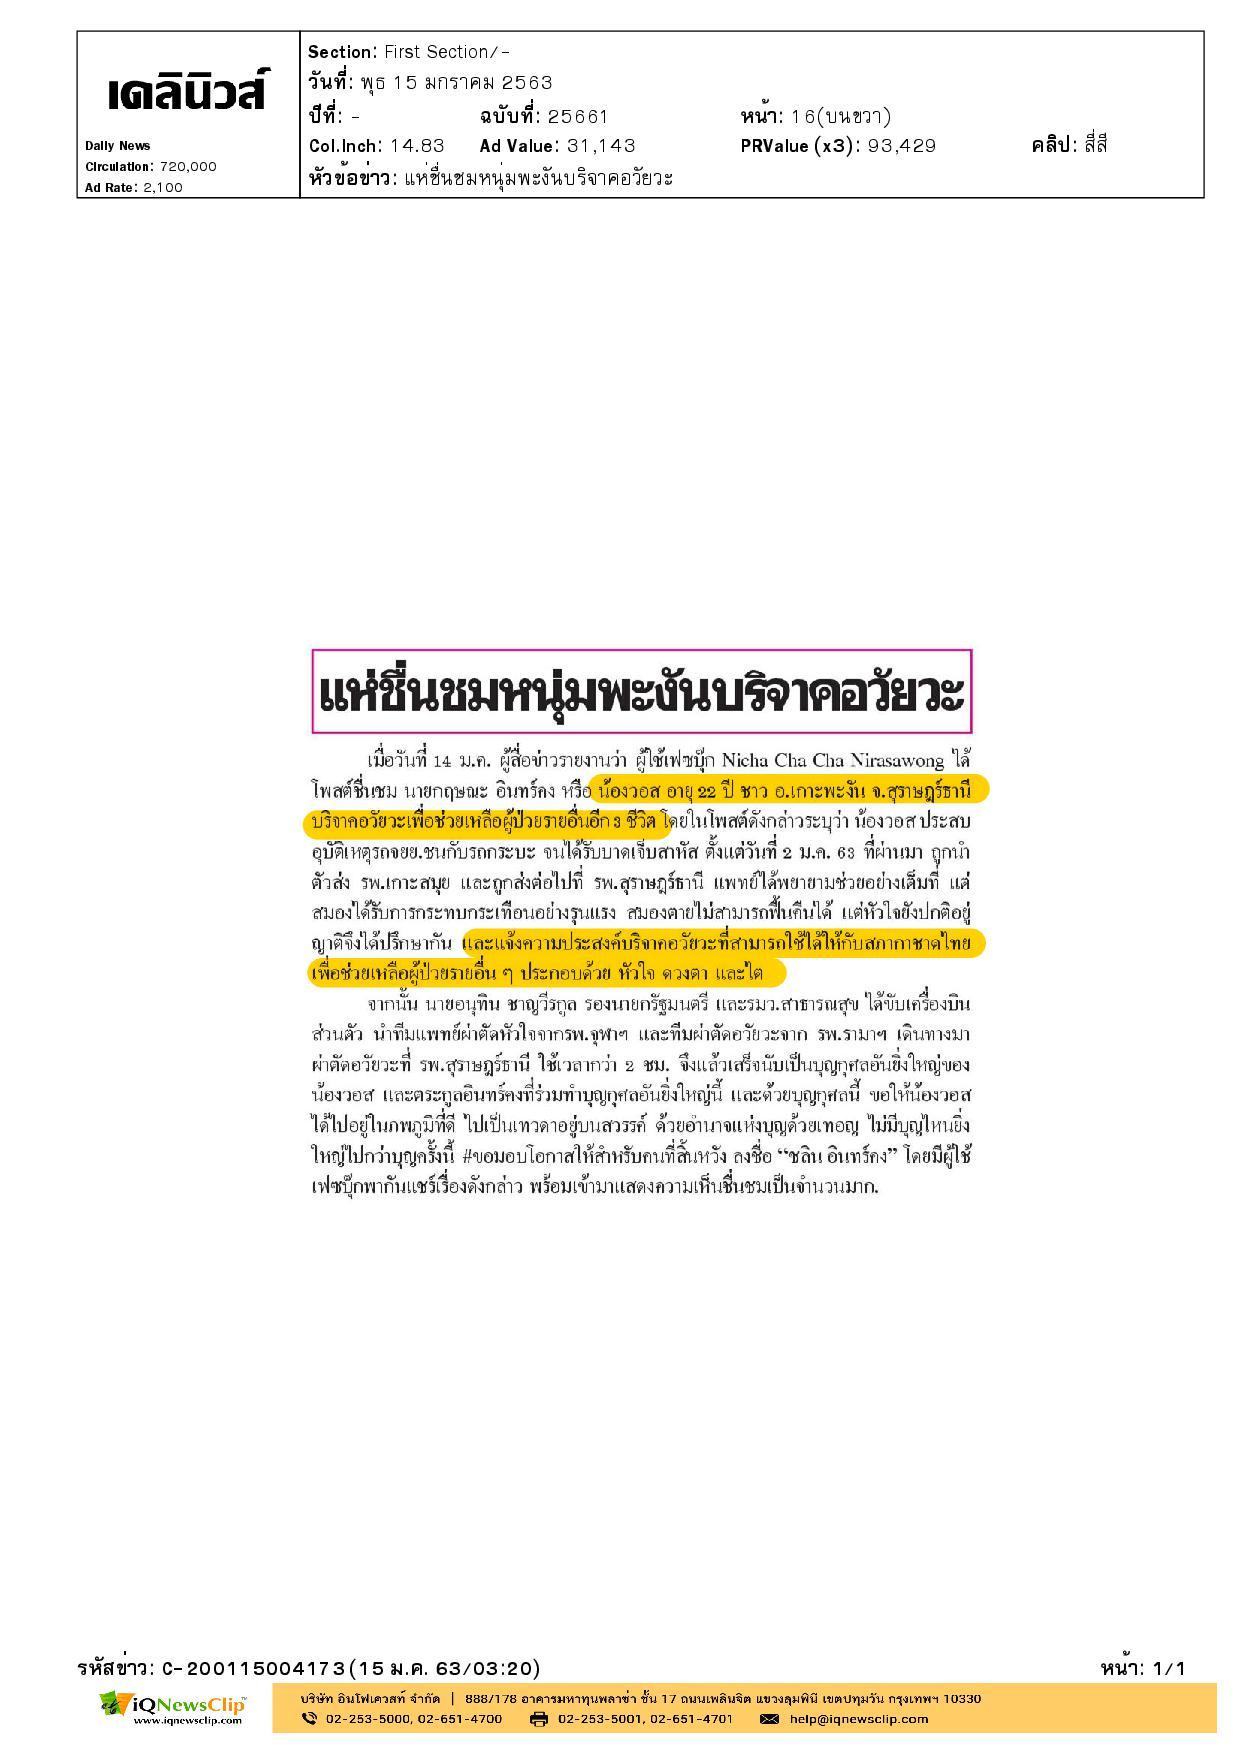 บริจาคอวัยวะให้สภากาชาดไทยเพื่อช่วยเหลือผู้อื่น